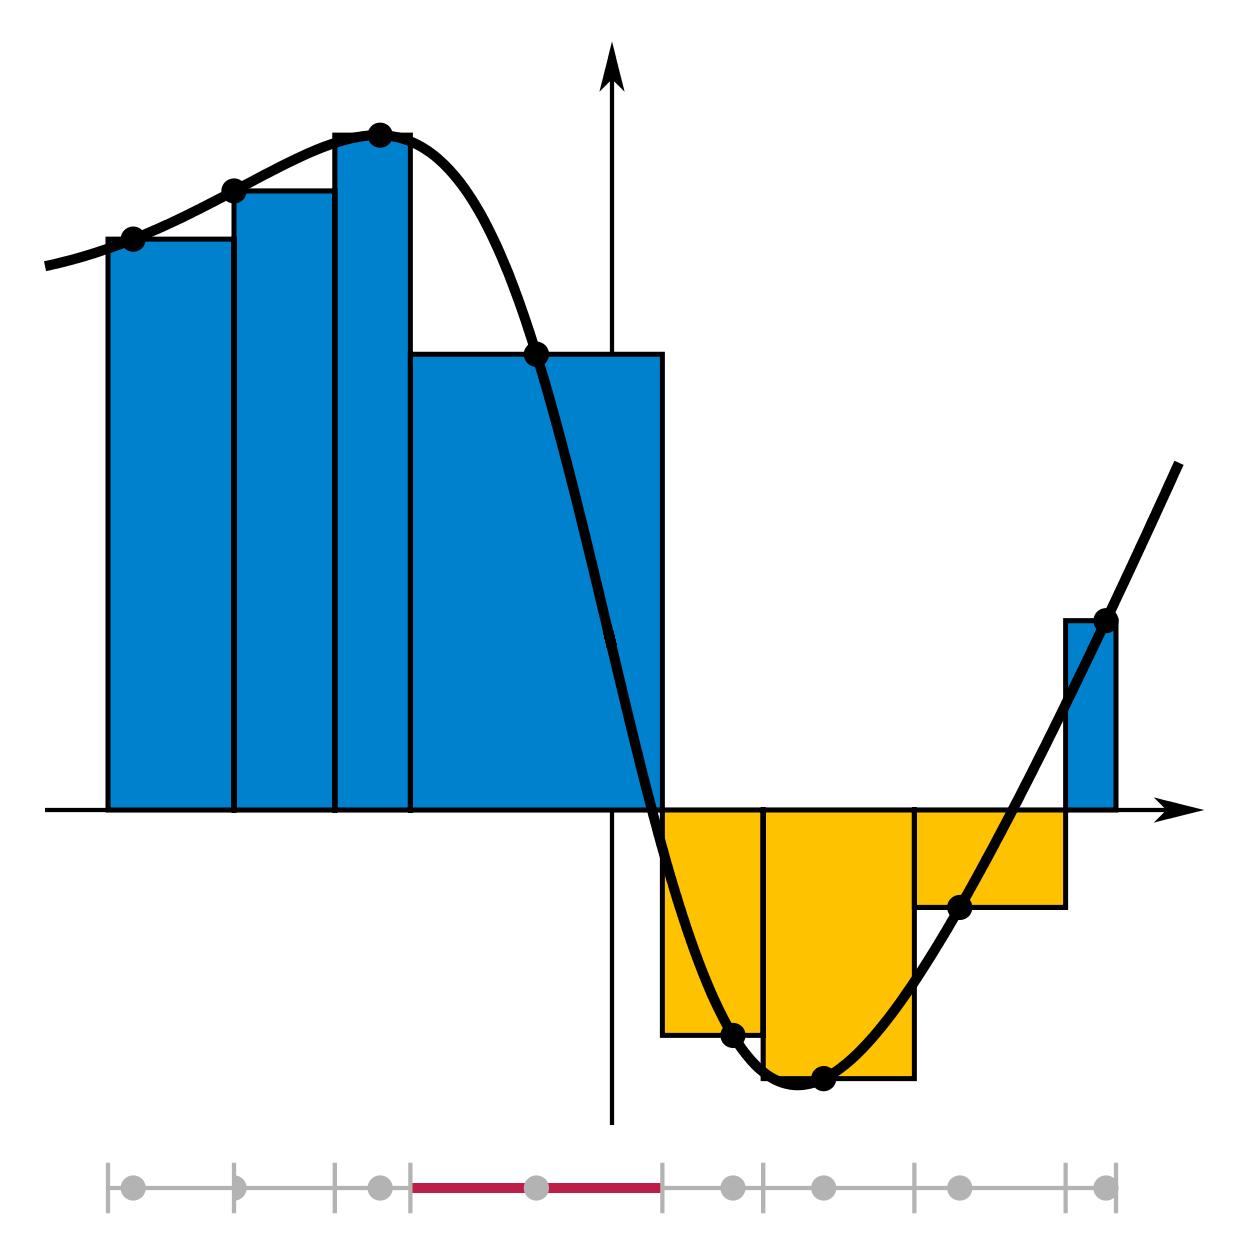 Integral_Riemann_sum